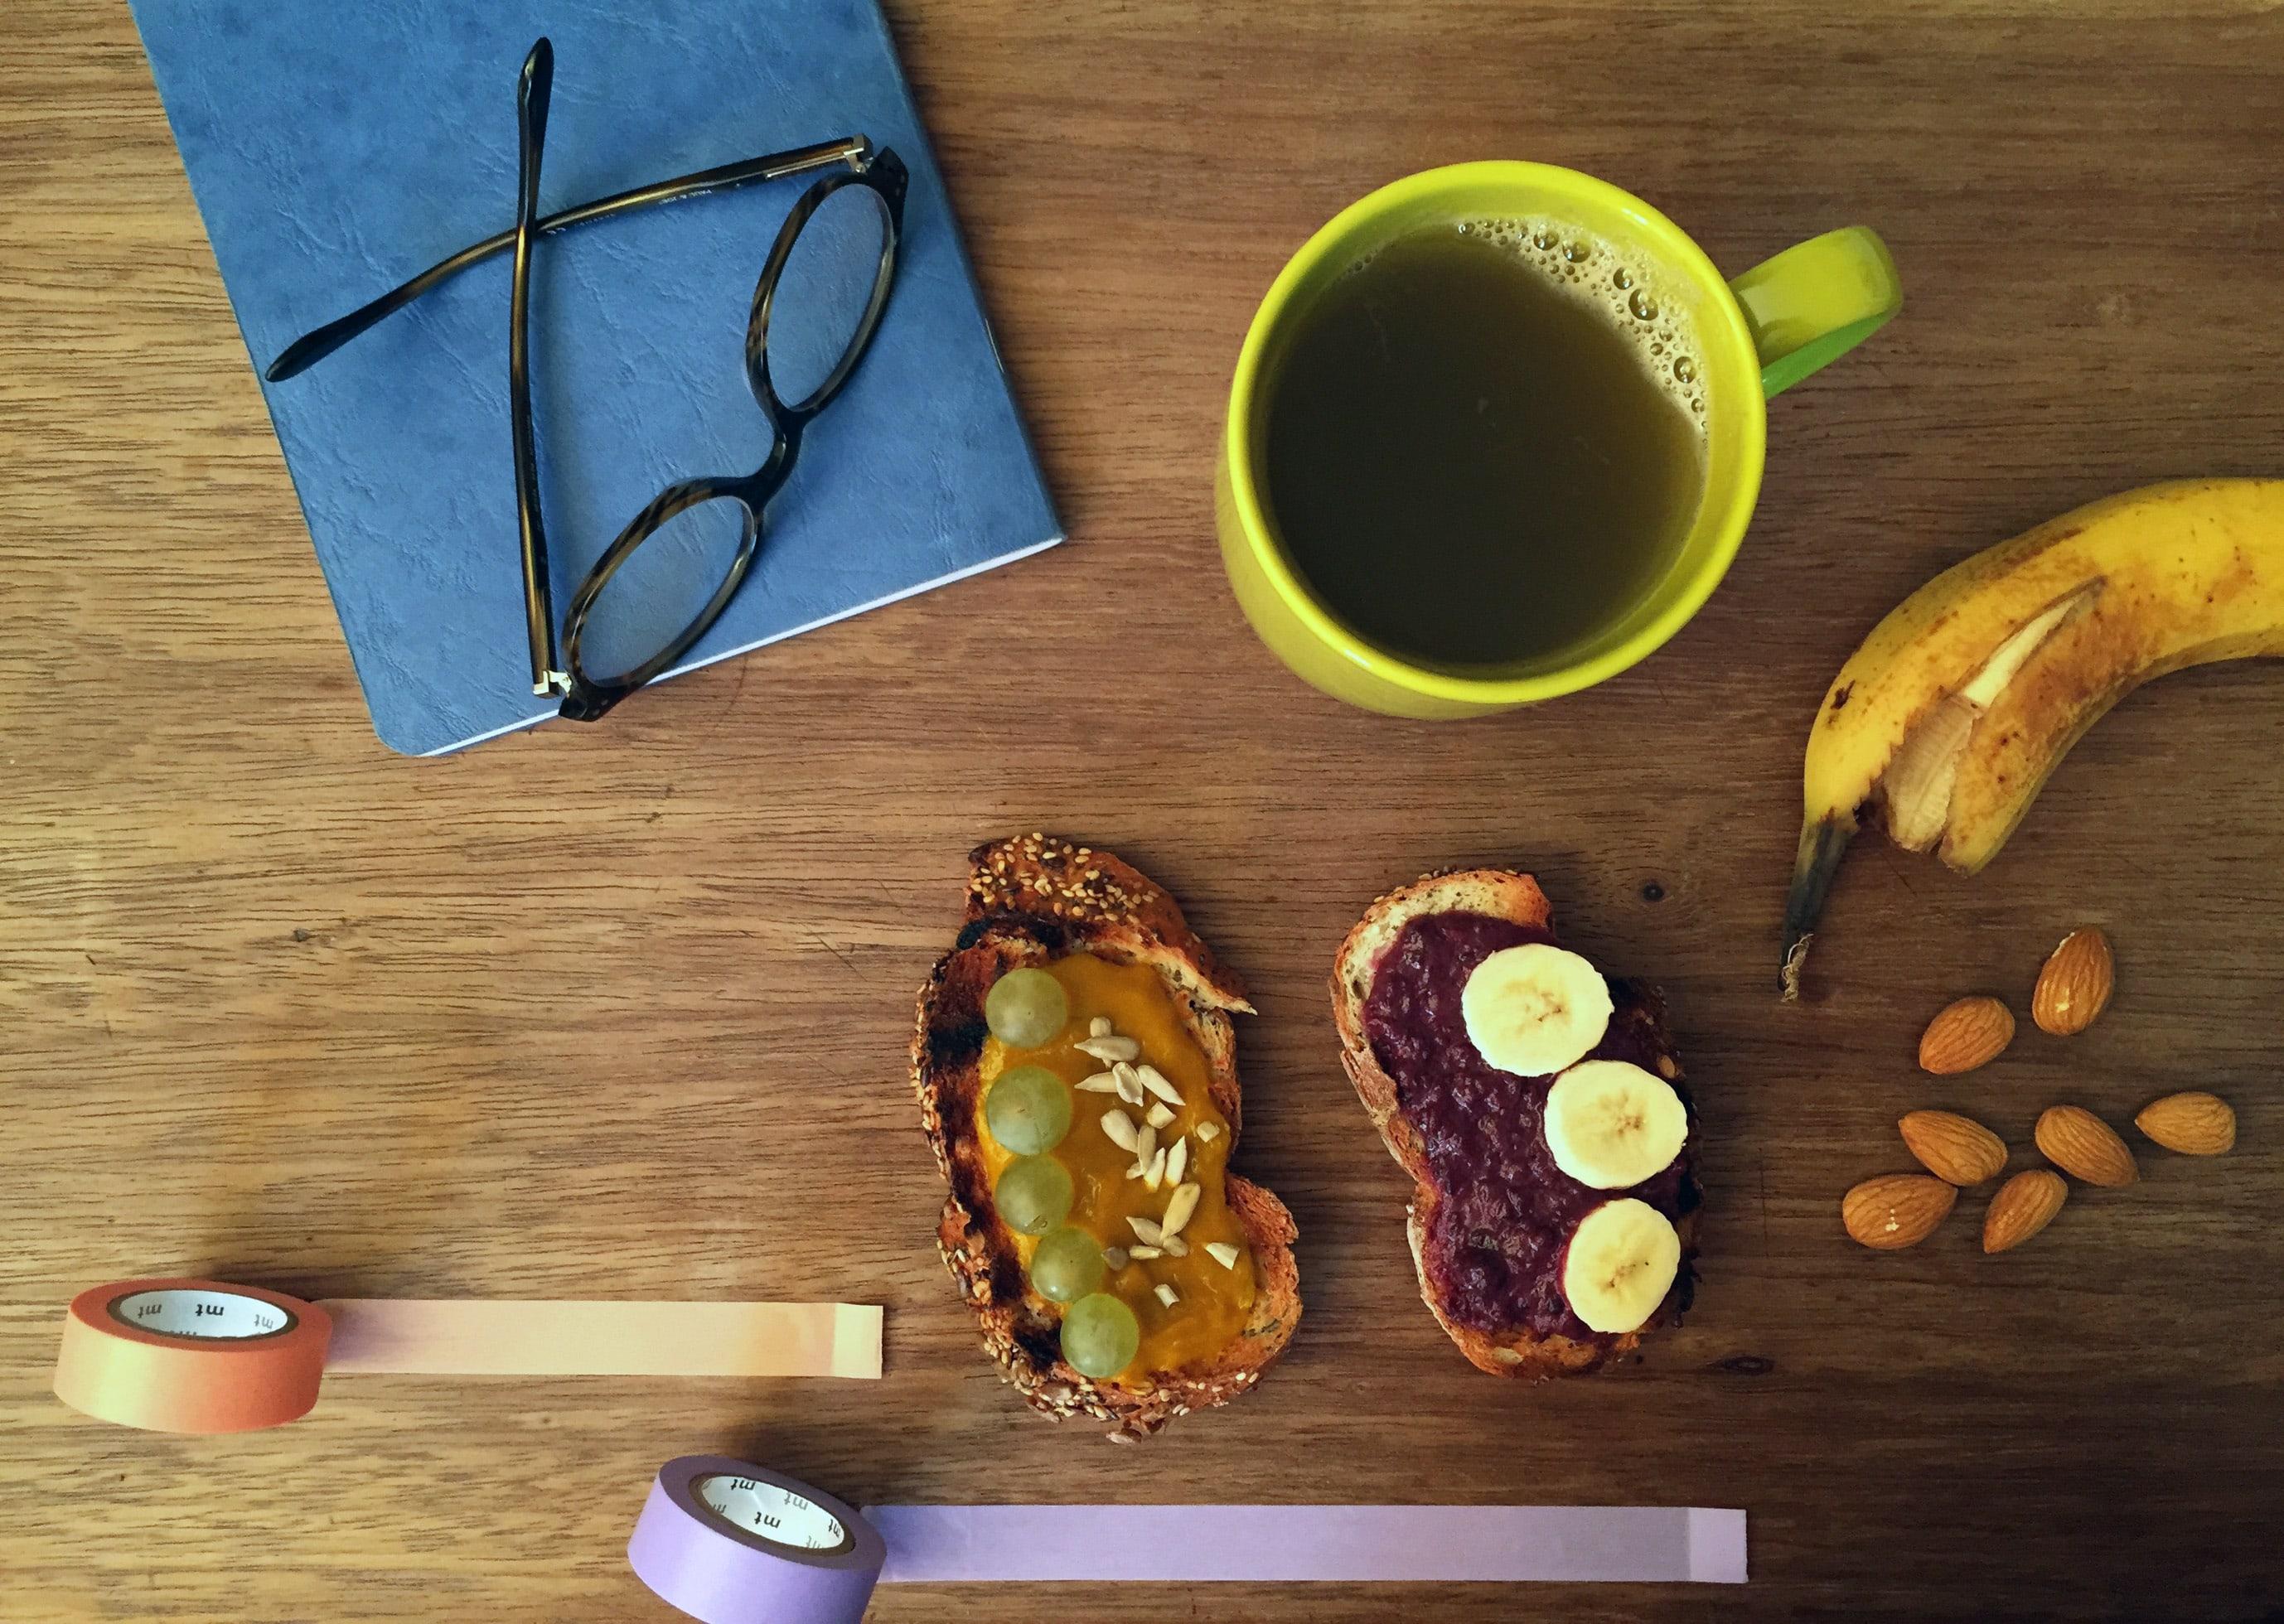 Le Pain Quotidien: gluten free sandwich